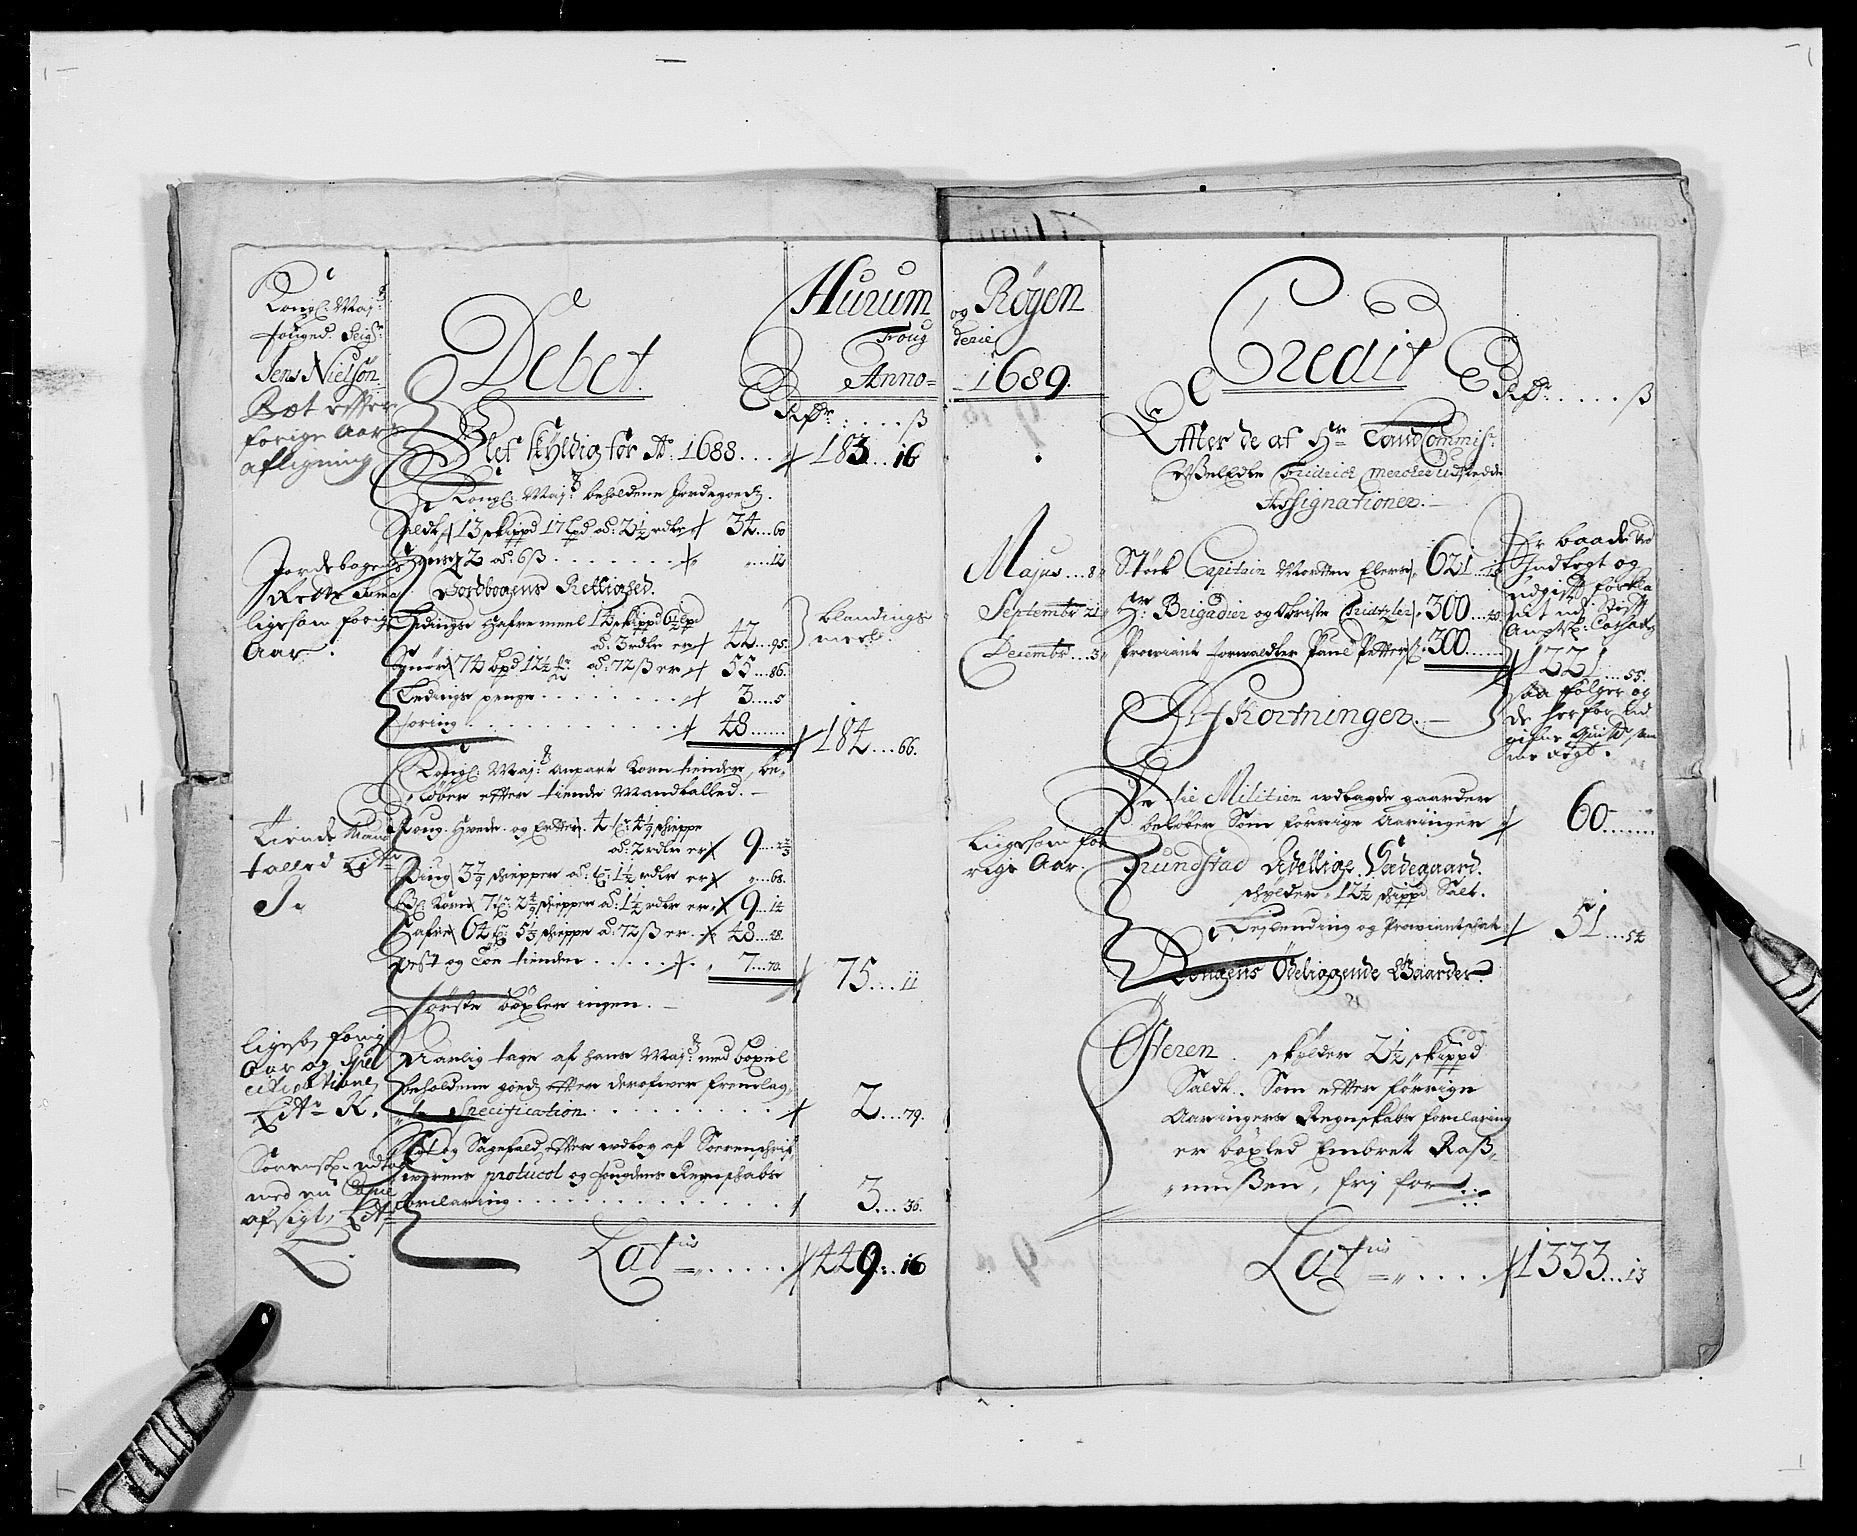 RA, Rentekammeret inntil 1814, Reviderte regnskaper, Fogderegnskap, R29/L1693: Fogderegnskap Hurum og Røyken, 1688-1693, s. 5